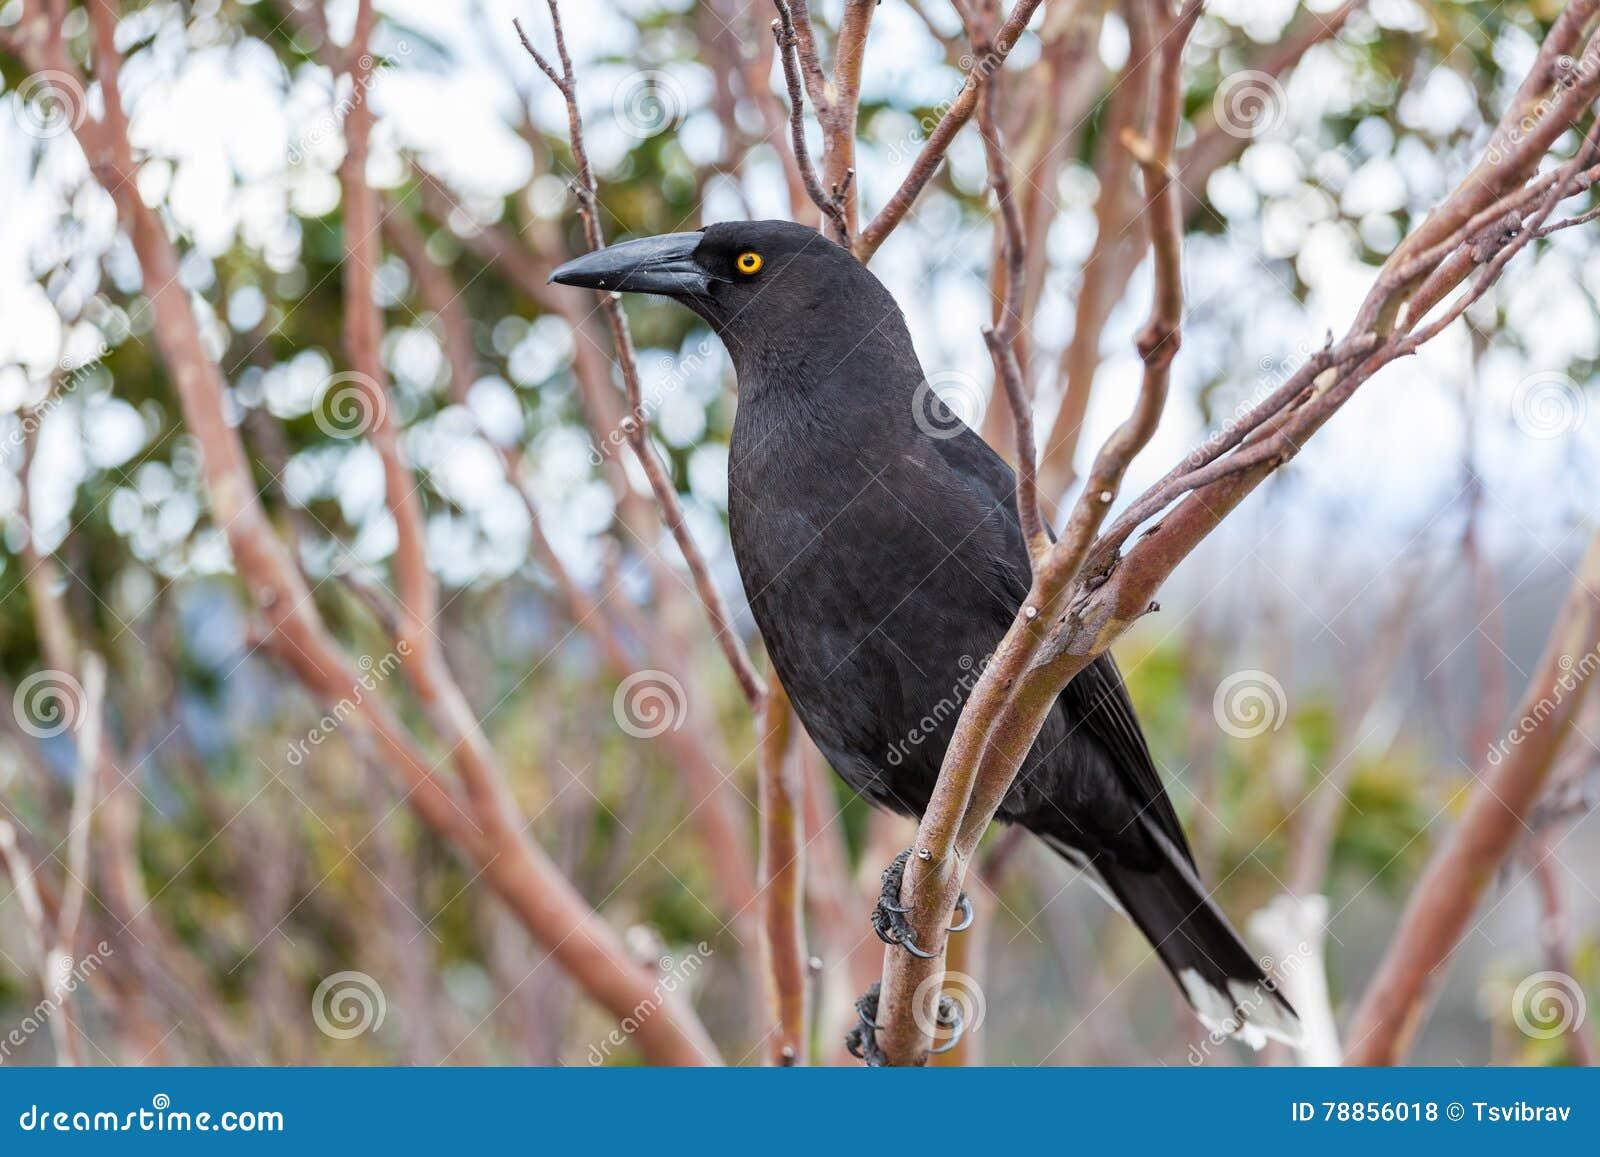 ακραίο μεγάλο μαύρο πουλί Ebony λεσβίες σαγηνεύει έφηβος